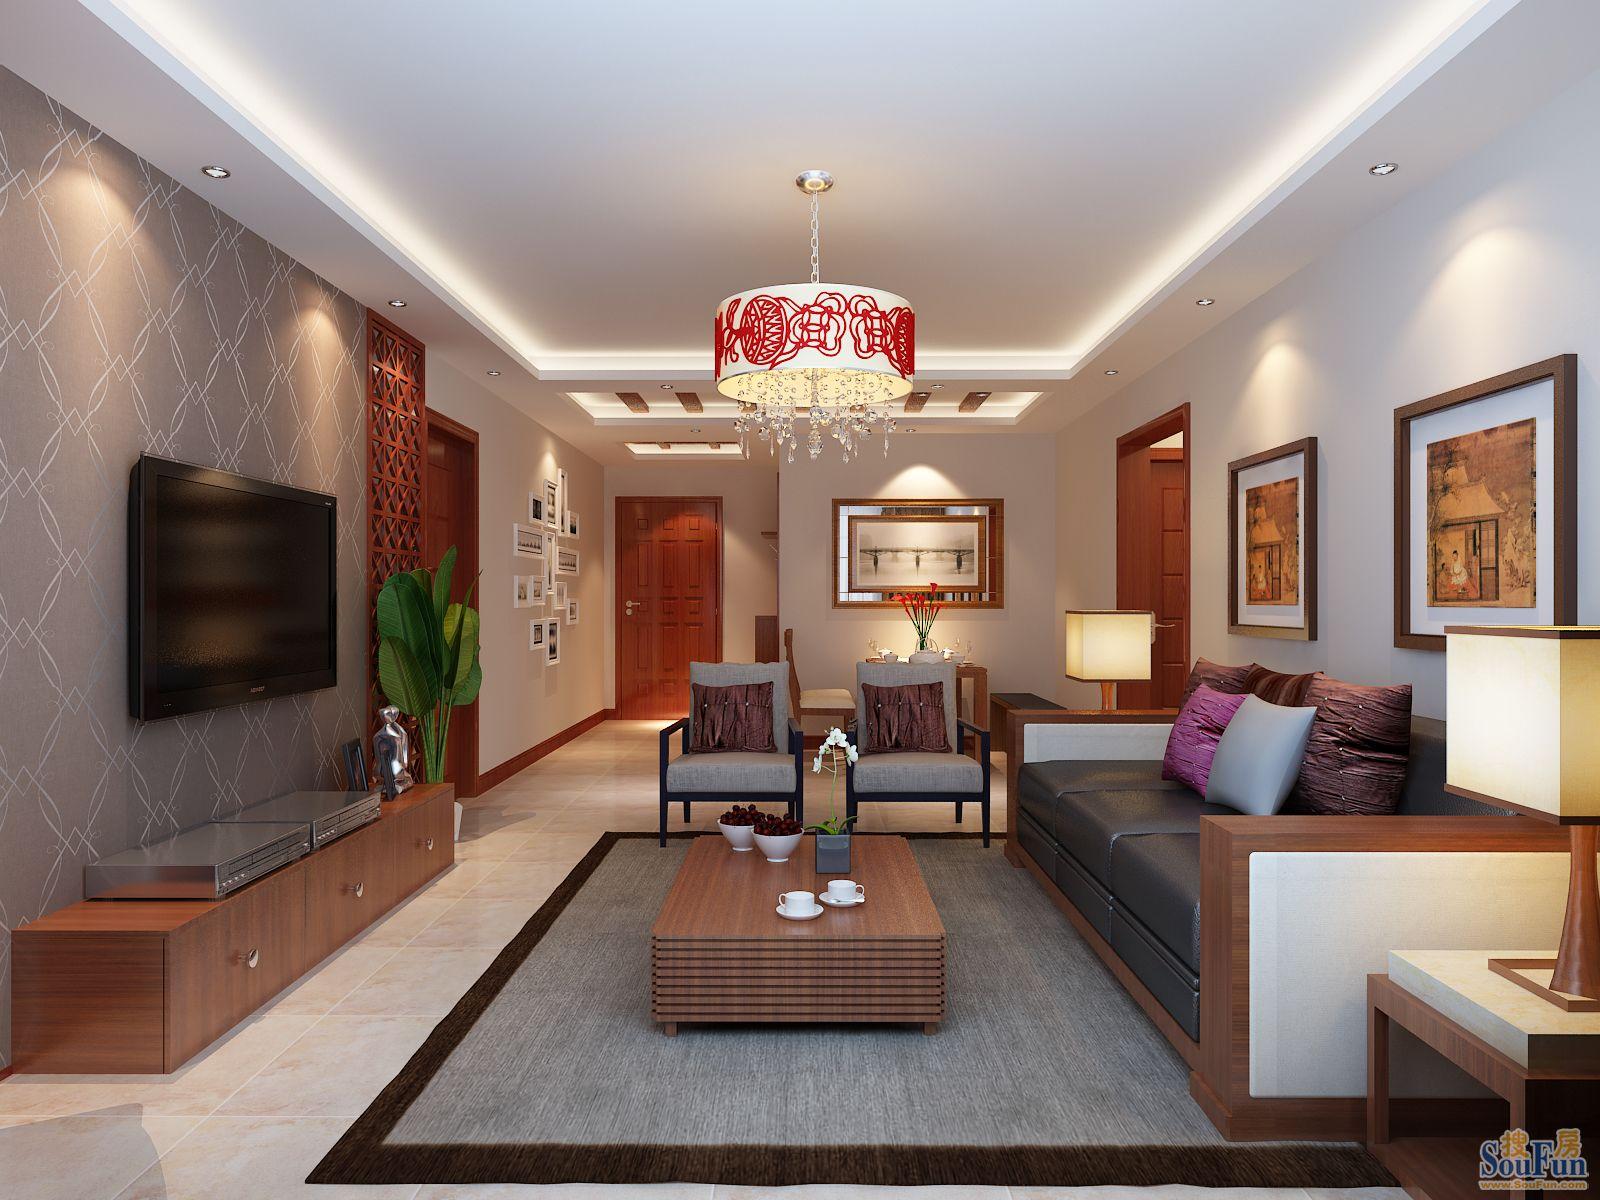 110平3室2厅 东南亚风格风格装修案例 预算7.9万元 高清图片